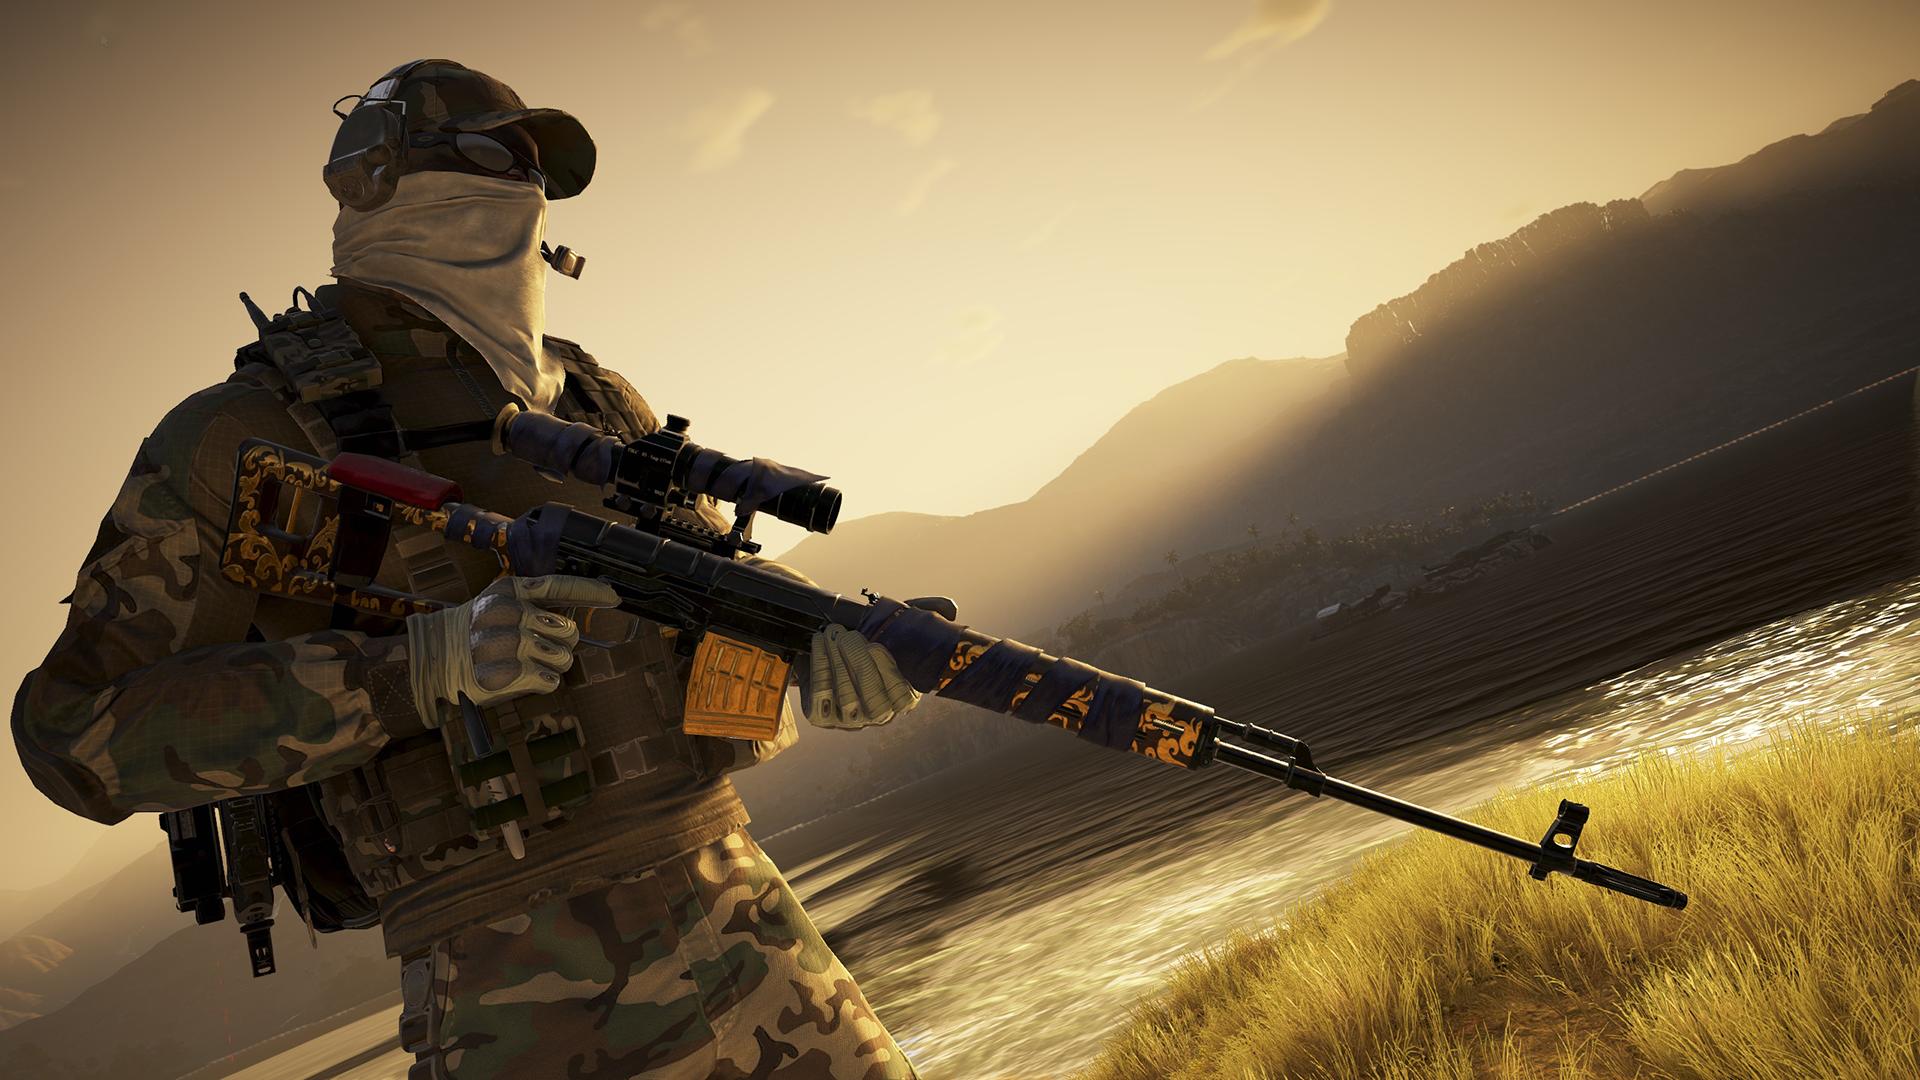 Sniper Rifle Fanatic